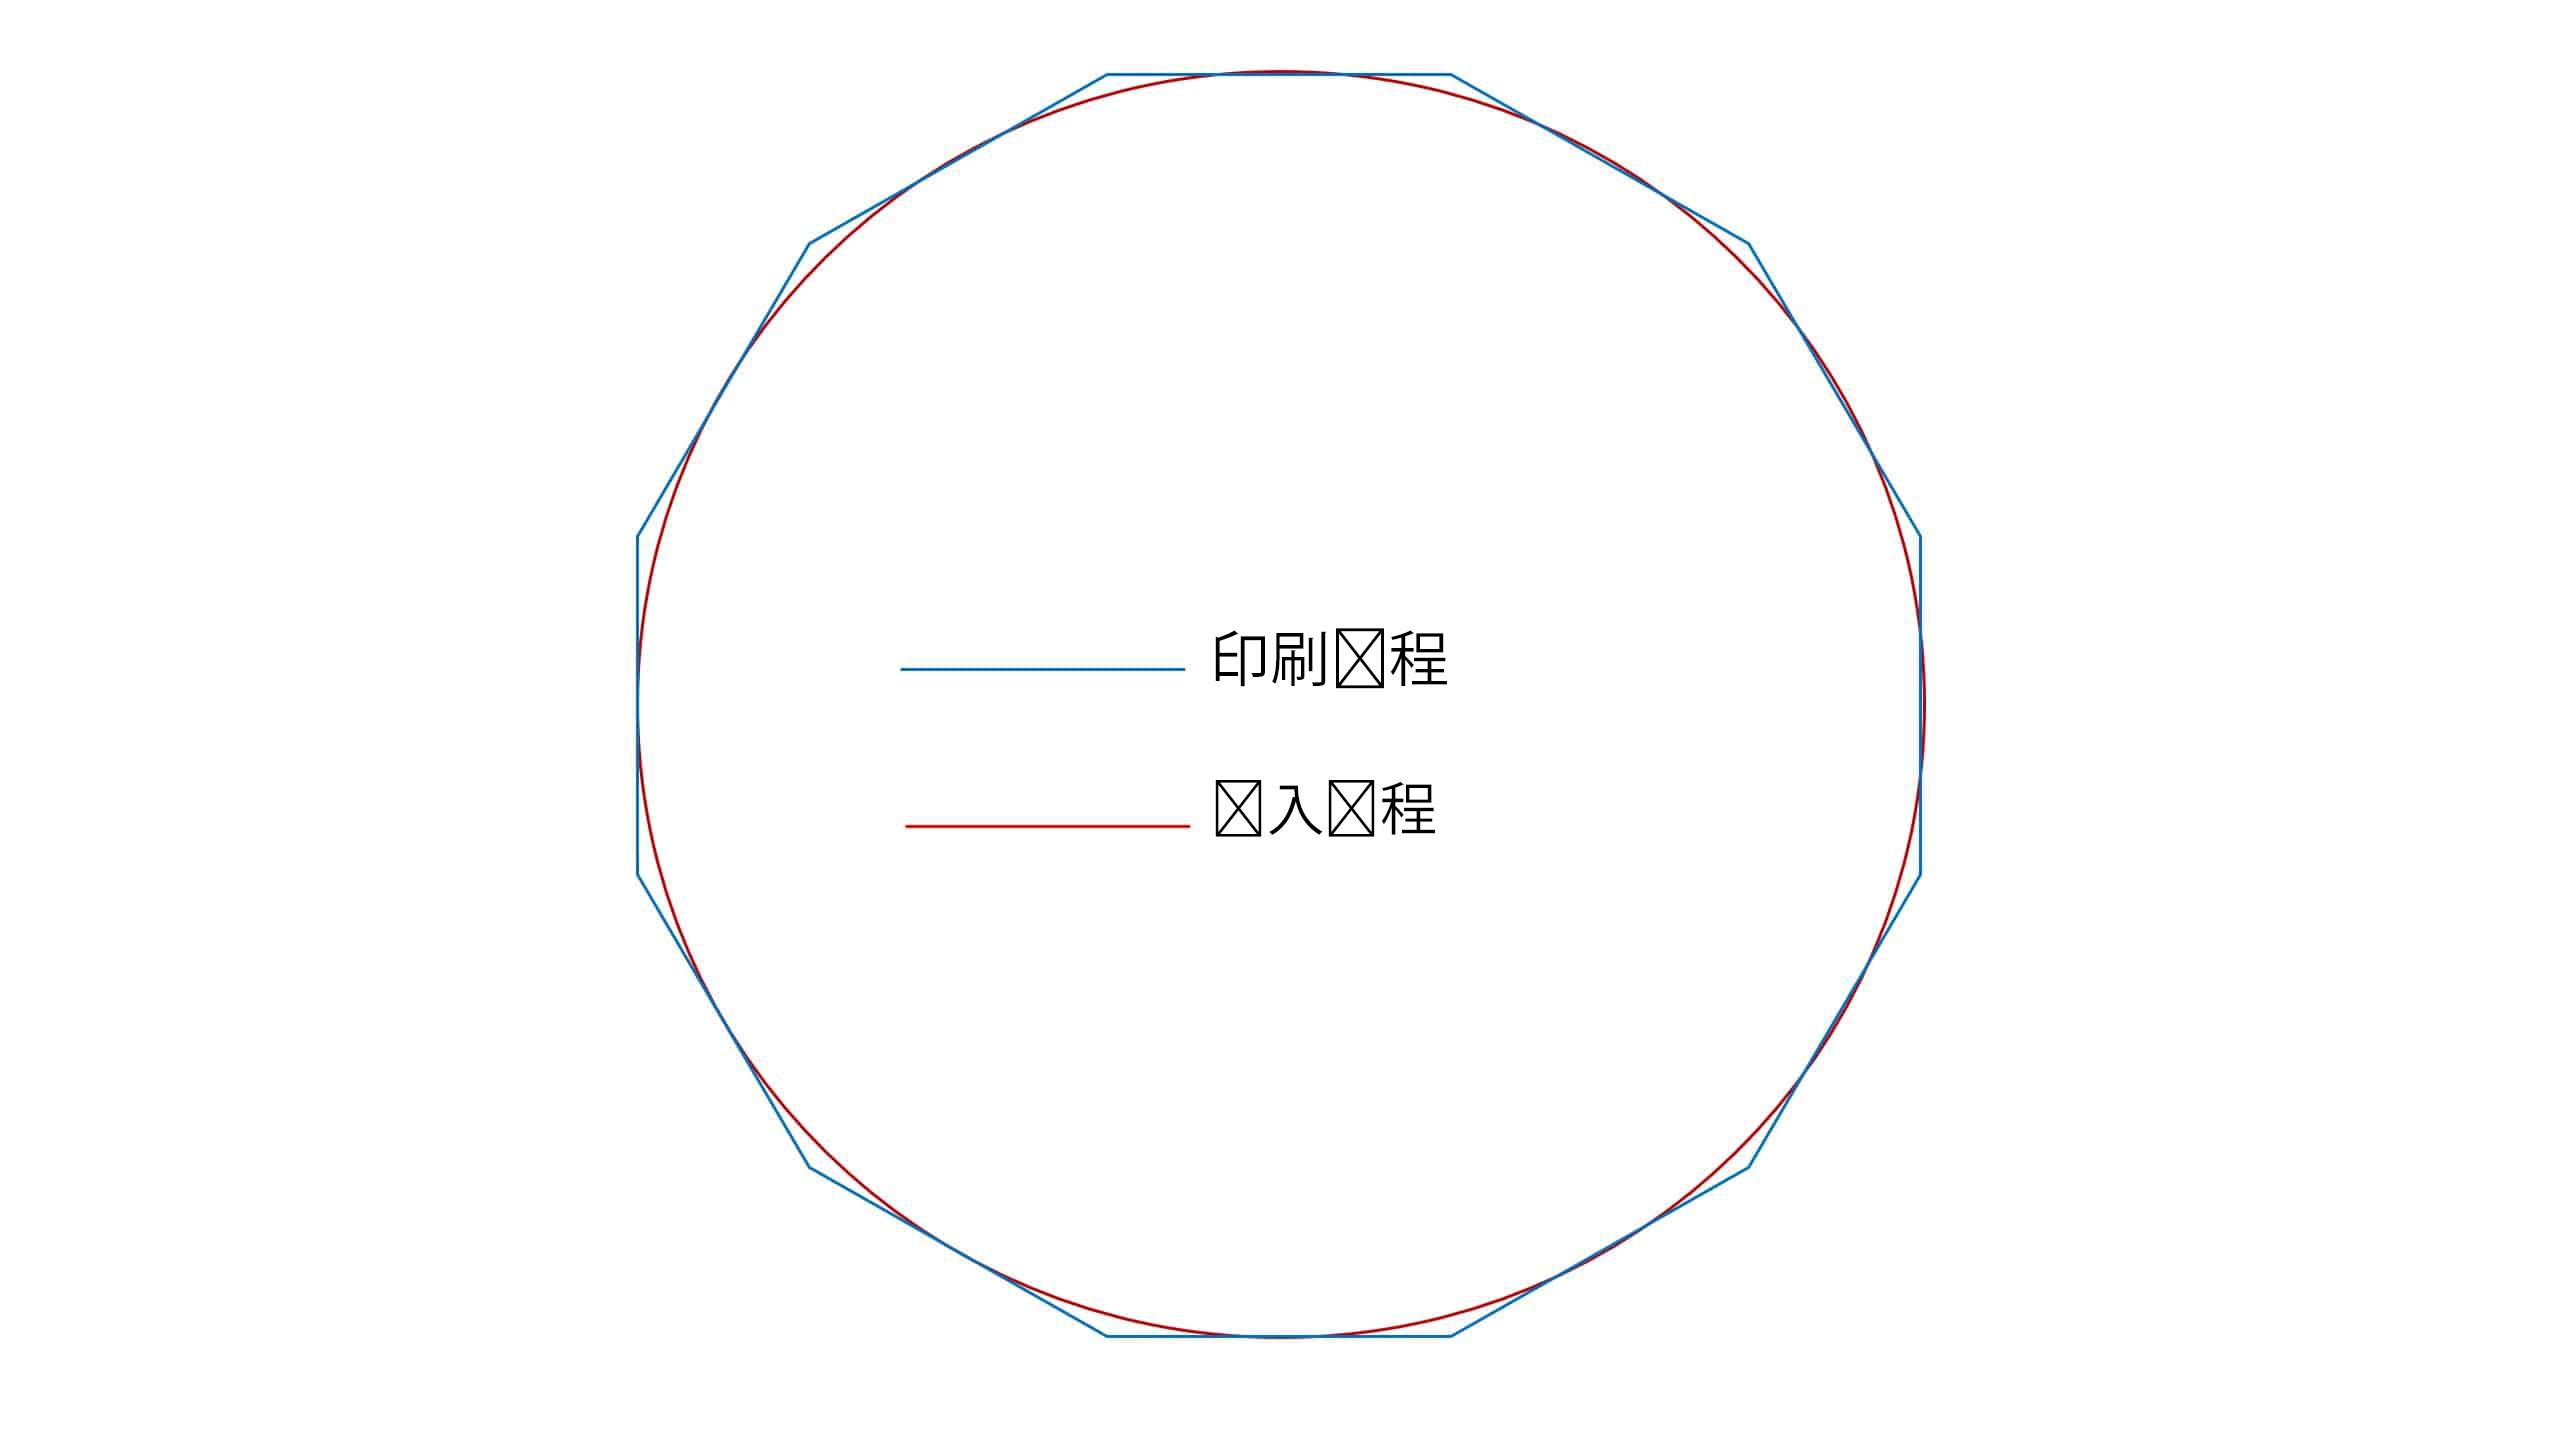 直接导入圆形渲染